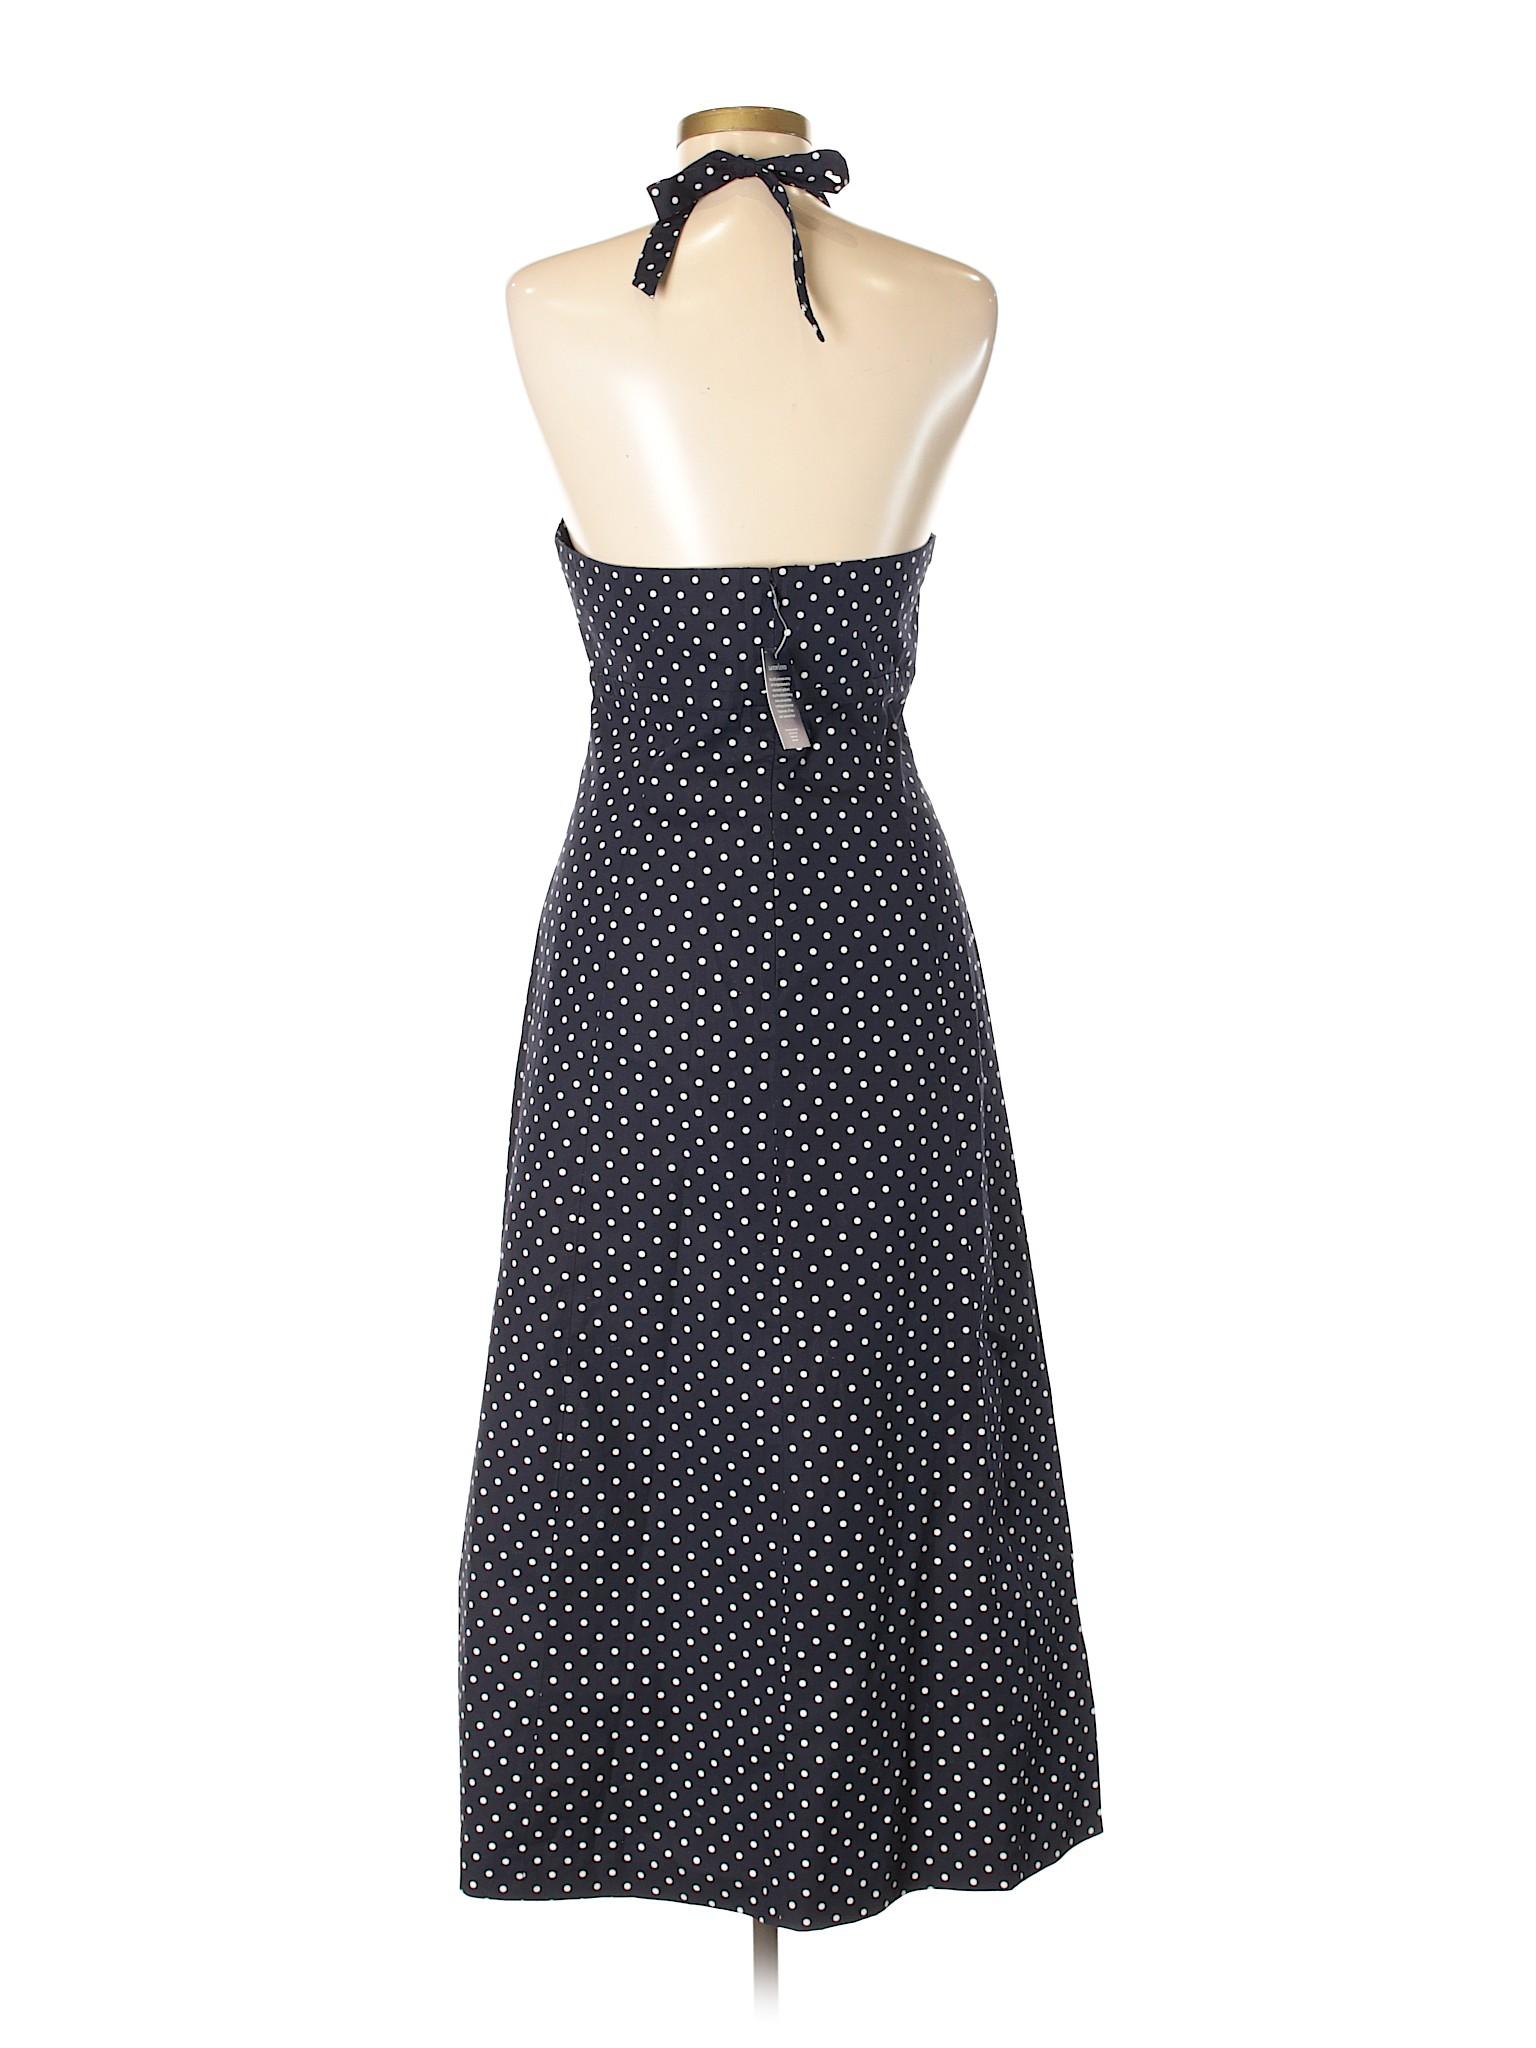 Casual Boutique Lands' Dress winter End qrX0wxUX